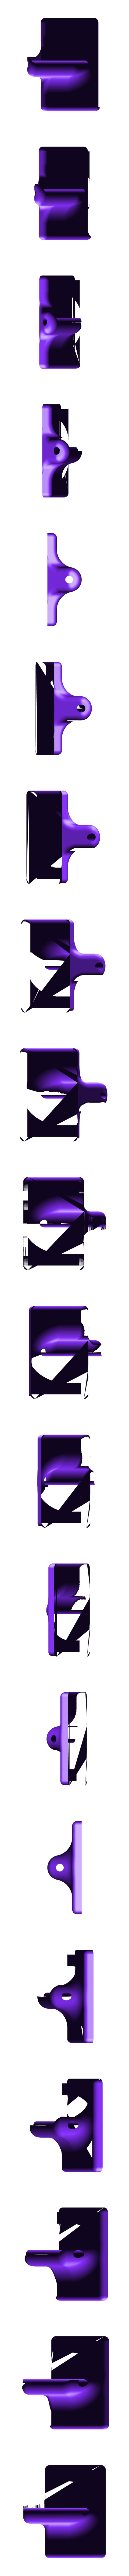 hook.stl Télécharger fichier STL gratuit Fermeture de fenêtre élégante (ne nécessite pas de trous dans le cadre de la fenêtre) • Modèle pour imprimante 3D, kumekay